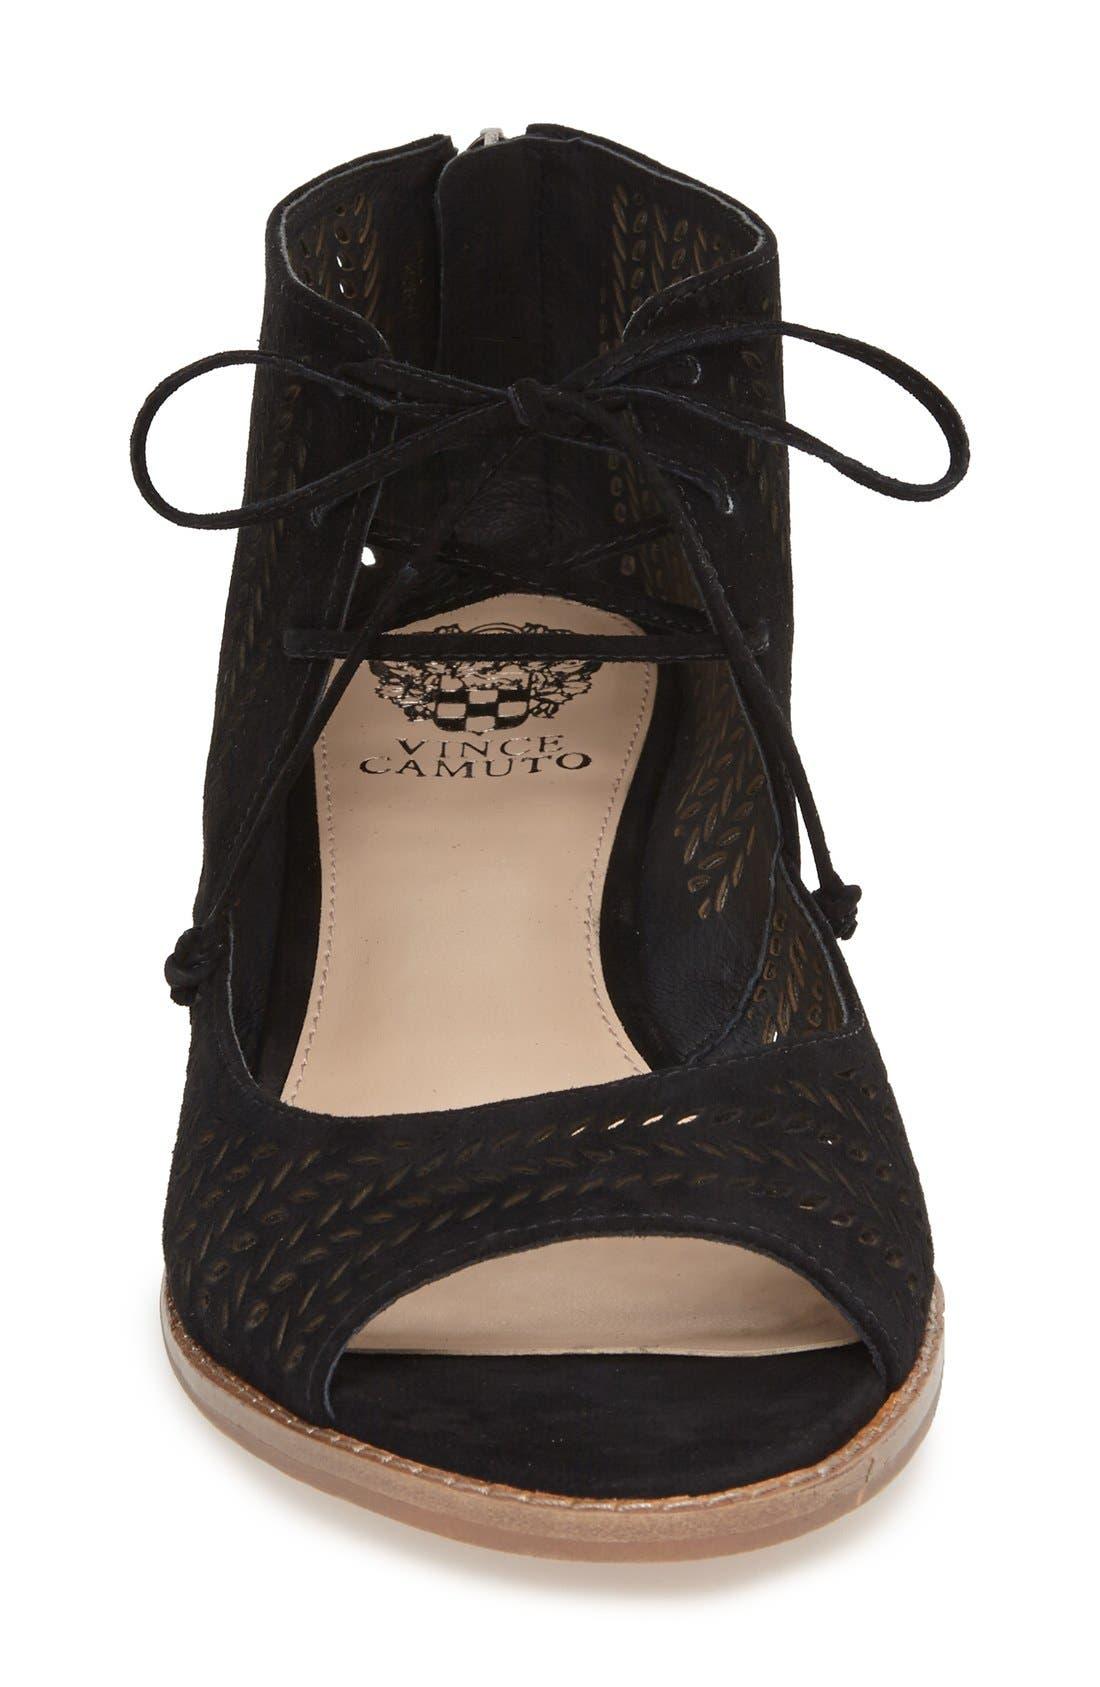 VINCE CAMUTO, 'Remme' Cutout Lace-Up Wedge Sandal, Alternate thumbnail 4, color, 001